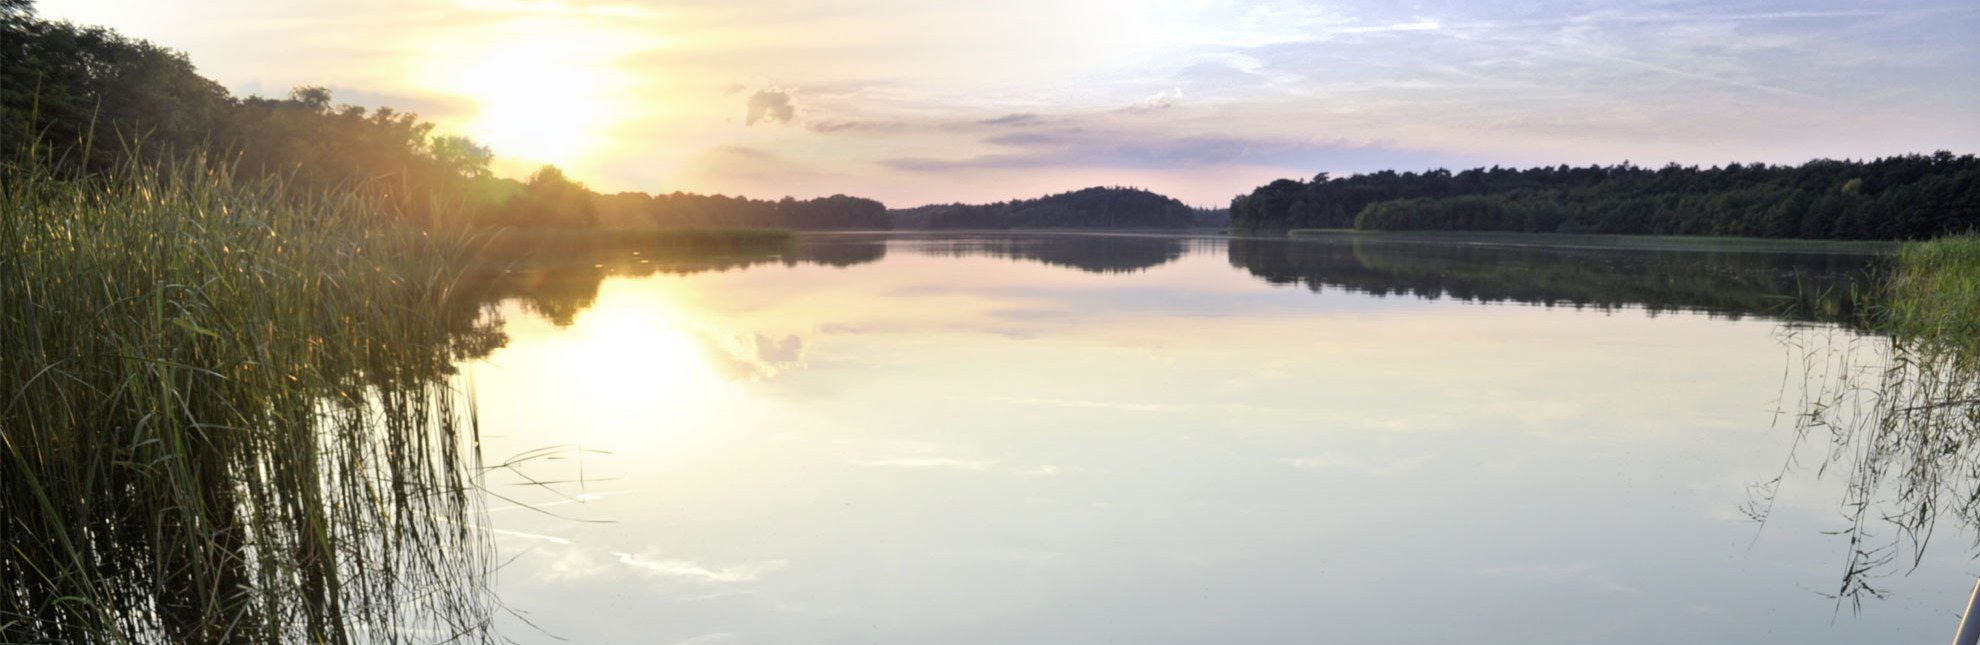 Ein lauer Sommerabend geht am Schaalsee zu Ende., © photocompany GmbH / HLMS GmbH